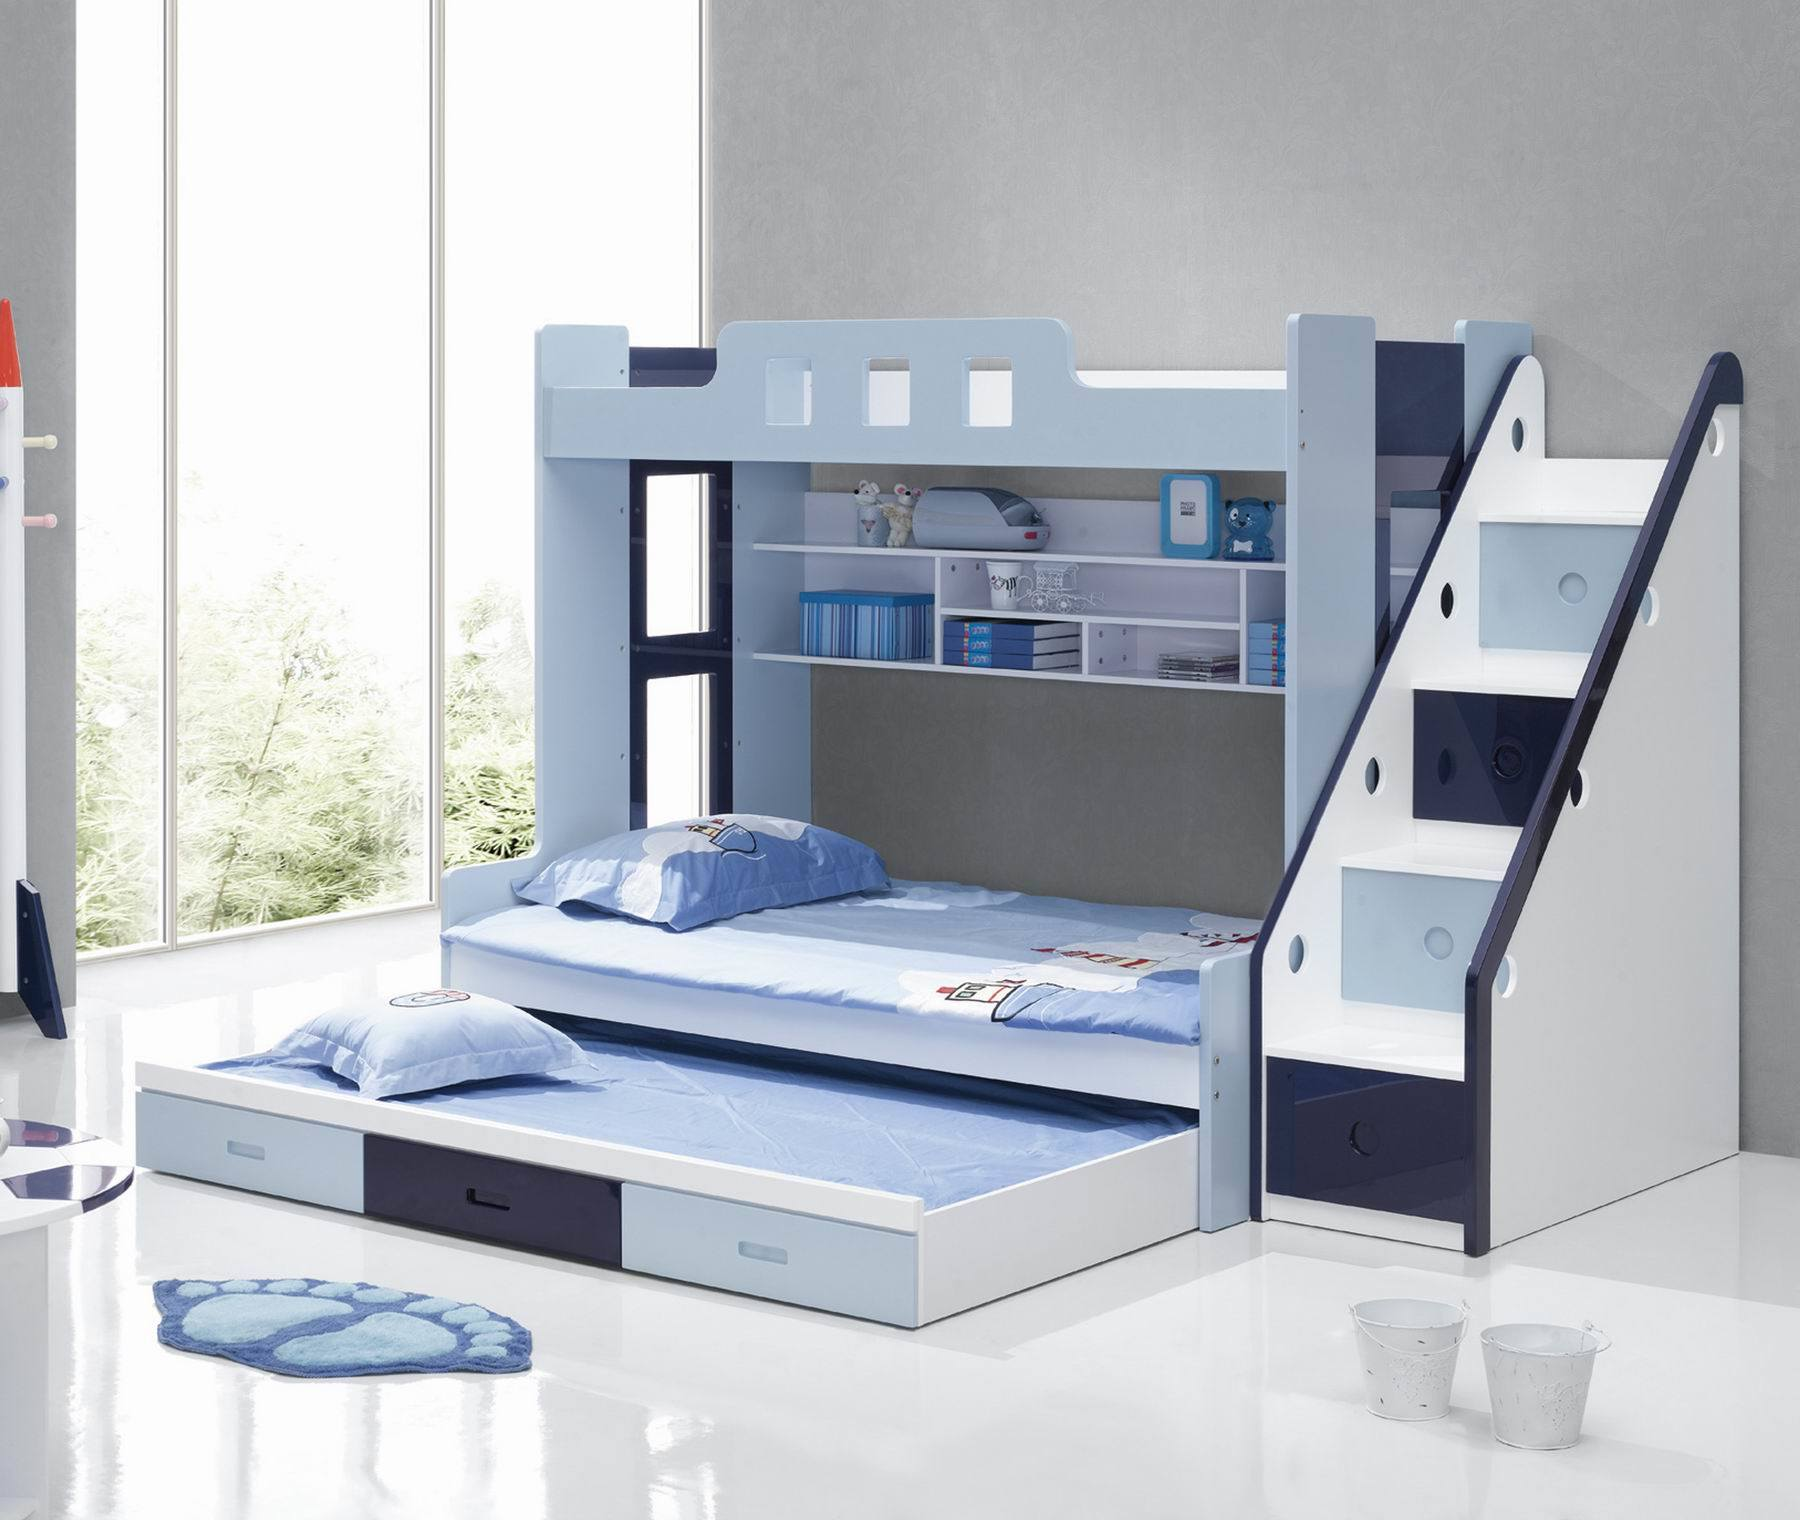 China Bunk Bed QSJ A2100 China Bed Bed Set